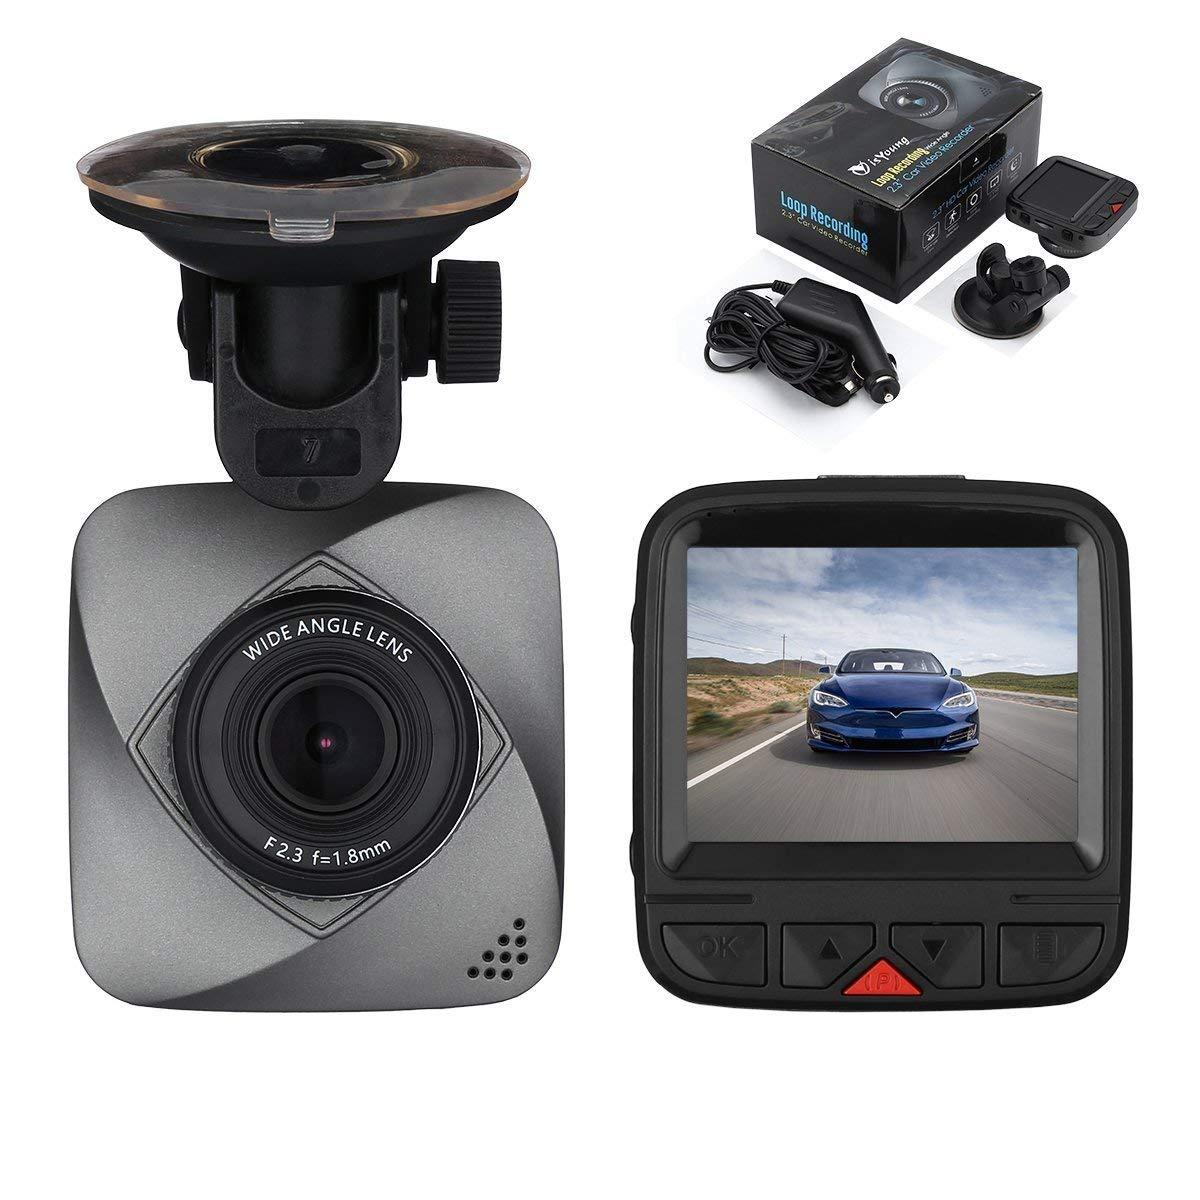 1998-2005 1 8 MX5 crank mk2 5 1 6 Crankshaft angle sensor Mazda MX-5 mk2